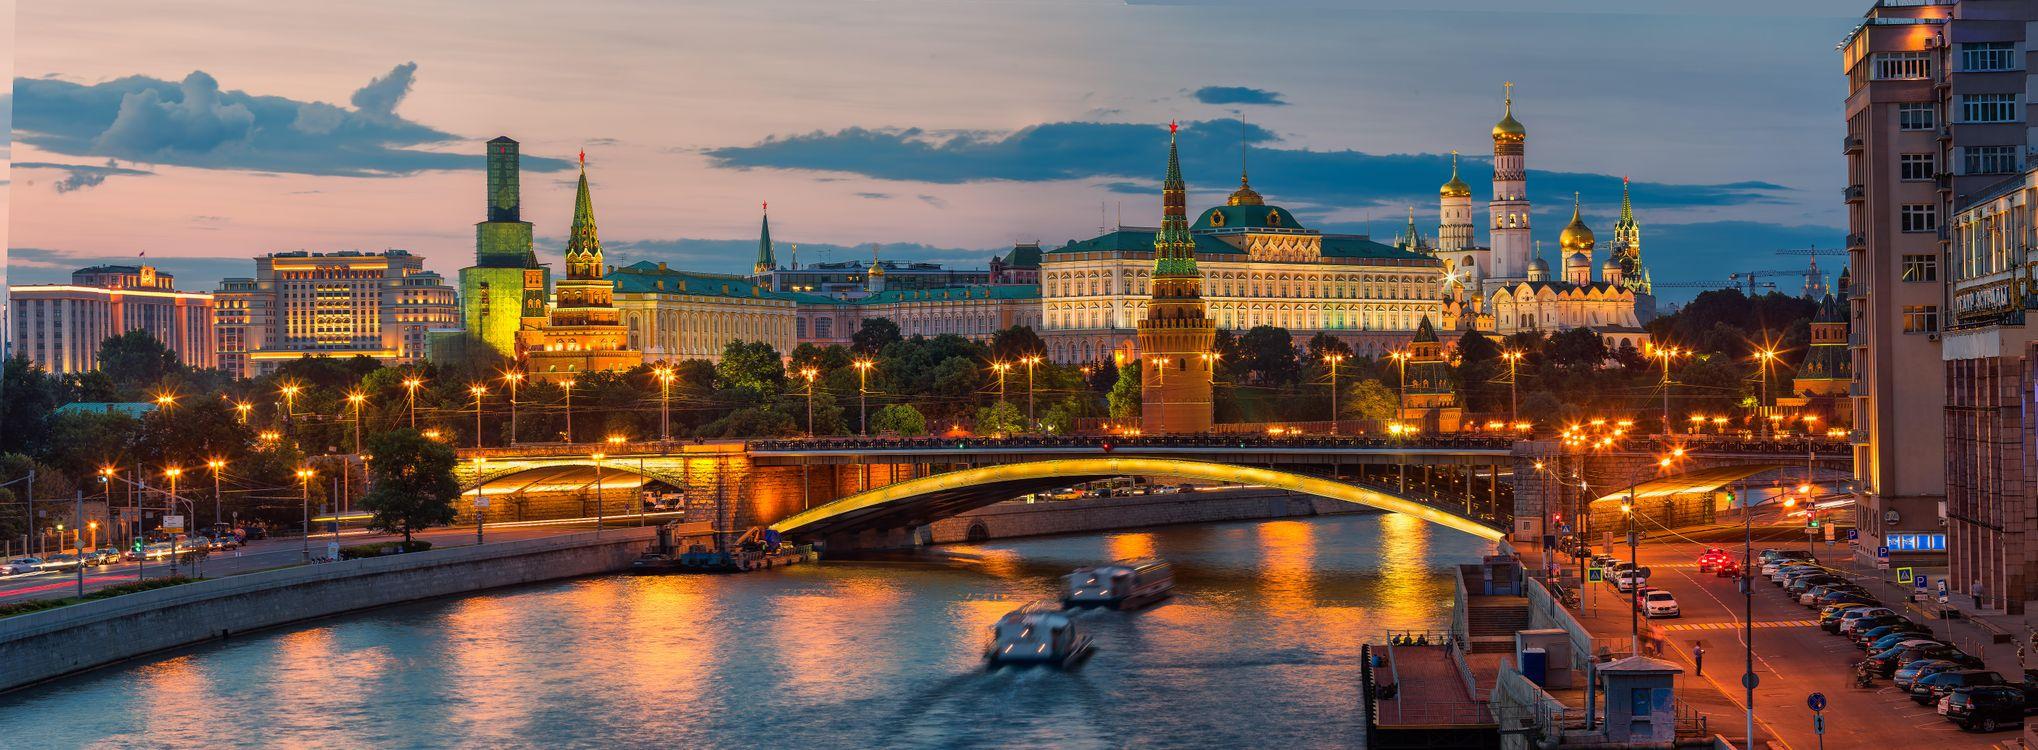 Фото бесплатно Москва, Россия, Красная Площадь, Московский Кремль, панорама, город